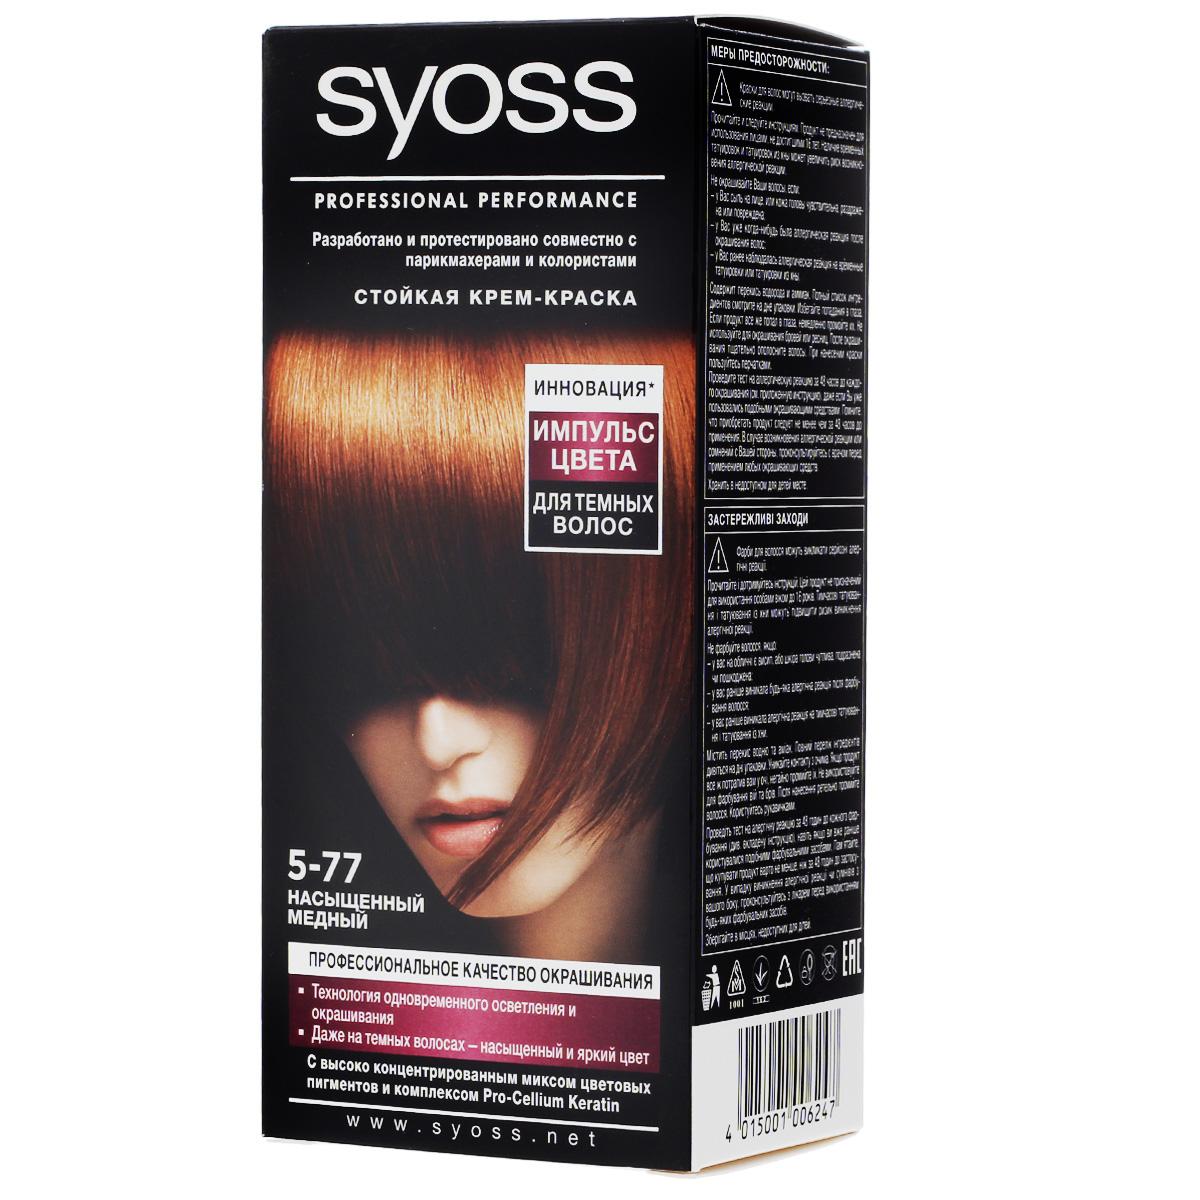 Syoss Color Краска для волос оттенок 5-77 Импульс цвета Насыщенный медный, 115 мл72523WDОткройте для себя профессиональное качество окрашивания с красками Syoss, разработанными и протестированными совместно с парикмахерами и колористами. Превосходный результат, как после посещения салона. Высокоэффективная формула закрепляет интенсивные цветовые пигменты глубоко внутри волоса, обеспечивая насыщенный, точный результат окрашивания и блеск волос, а также превосходное закрашивание седины. Кондиционер SYOSS «Защита Цвета- с комплексом Pro-Cellium Keratin и Провитамином Б5 способствует восстановлению волос изнутри – для сильных волос и стойкого, насыщенного цвета, полного блеска.